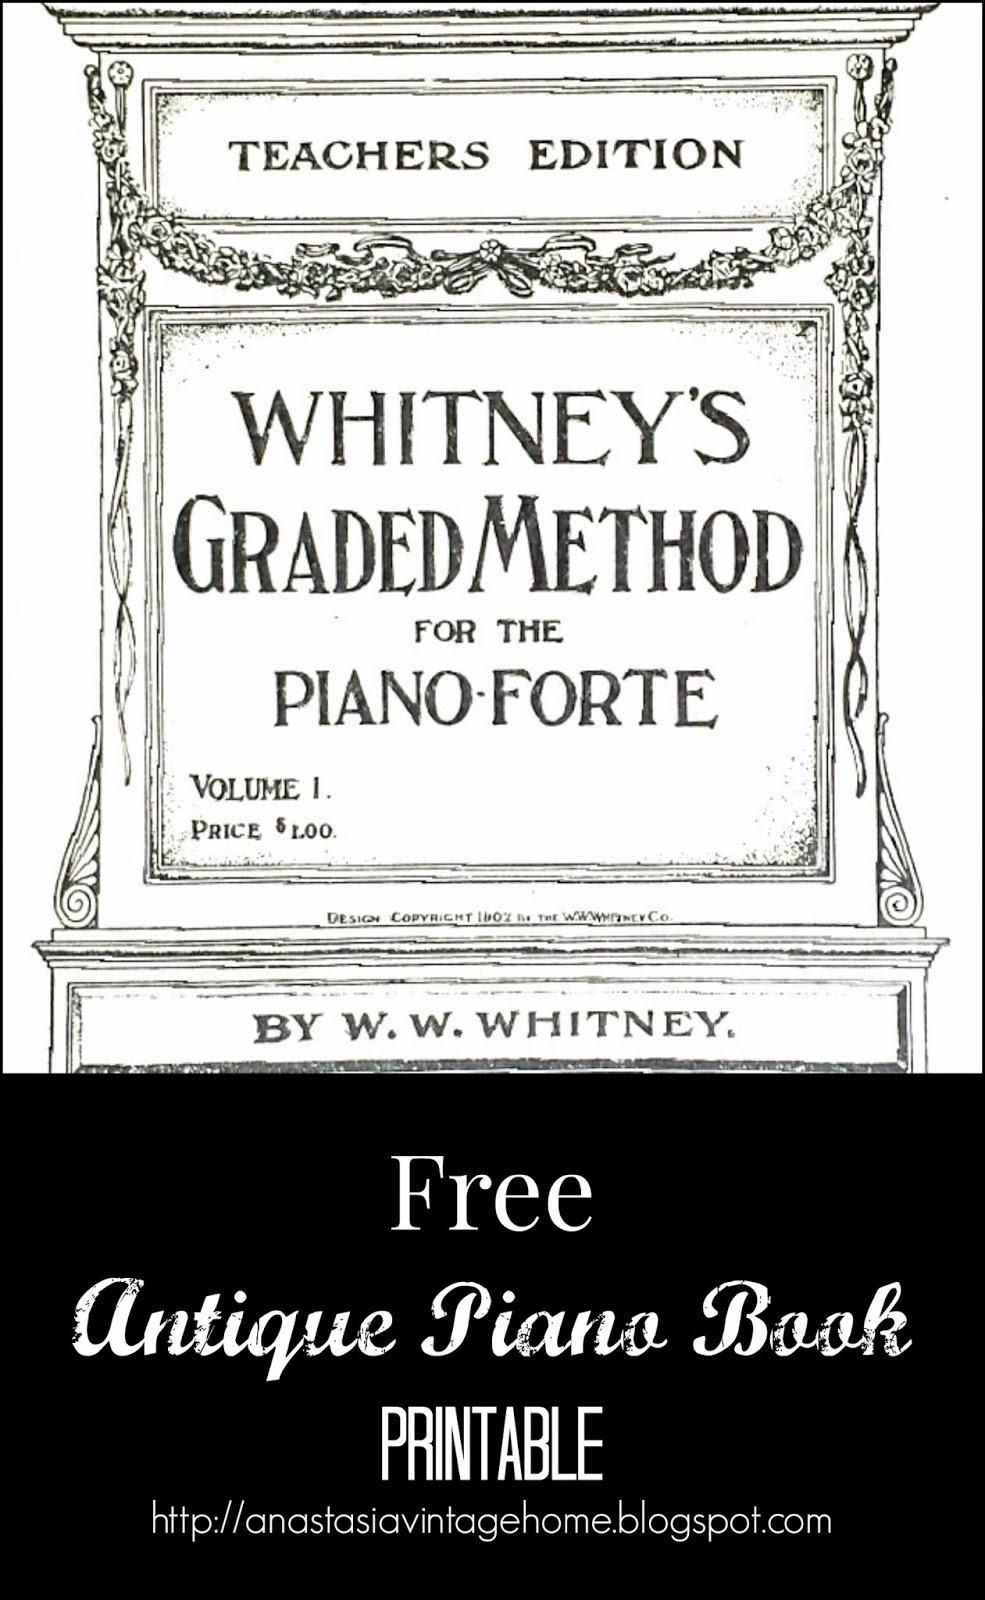 Free Antique Piano Book Printable | Anastasia Vintage